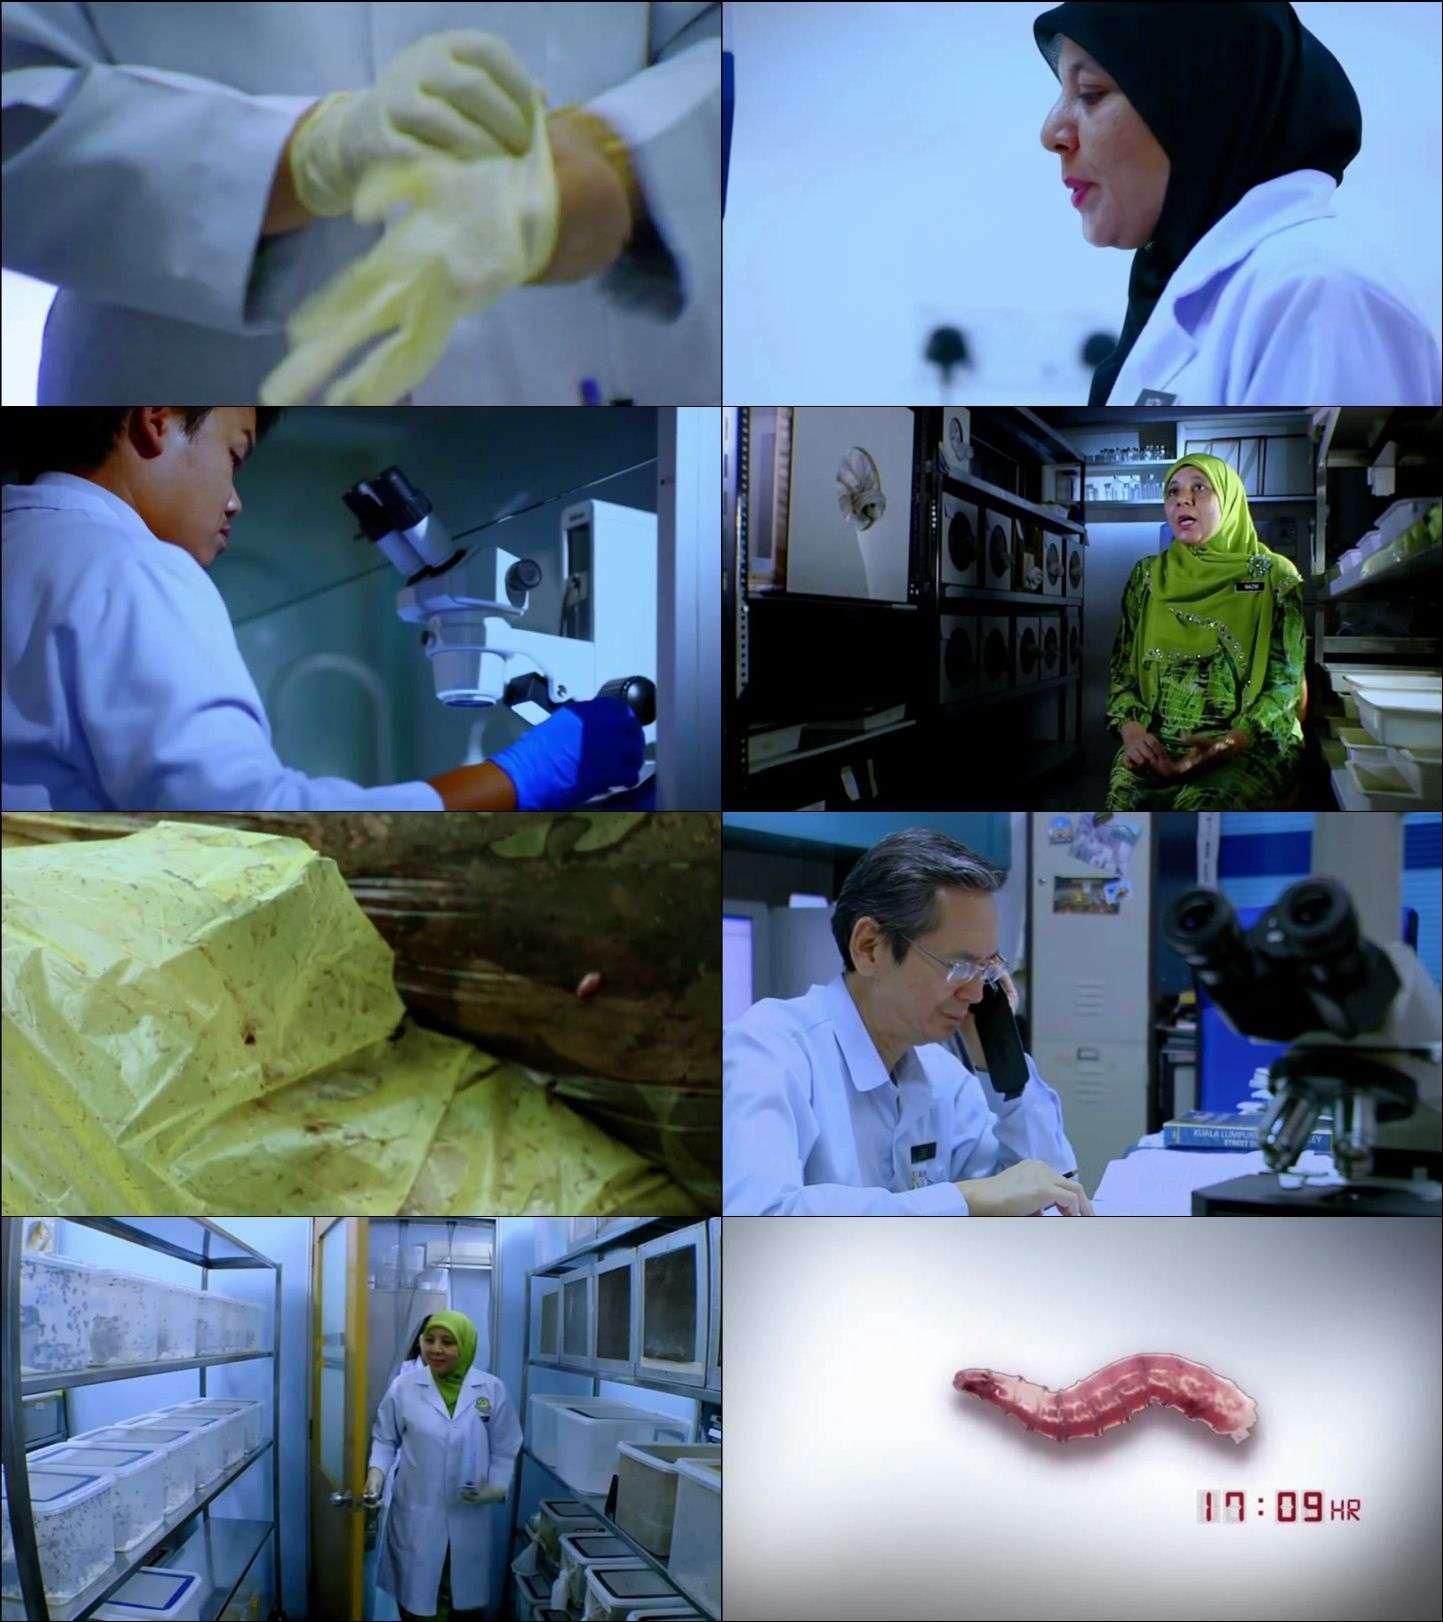 Suç Ortakları - Partners in Crime (2012) Yabancı dizi 1. ve 2. Sezonlar türkçe dublaj indir